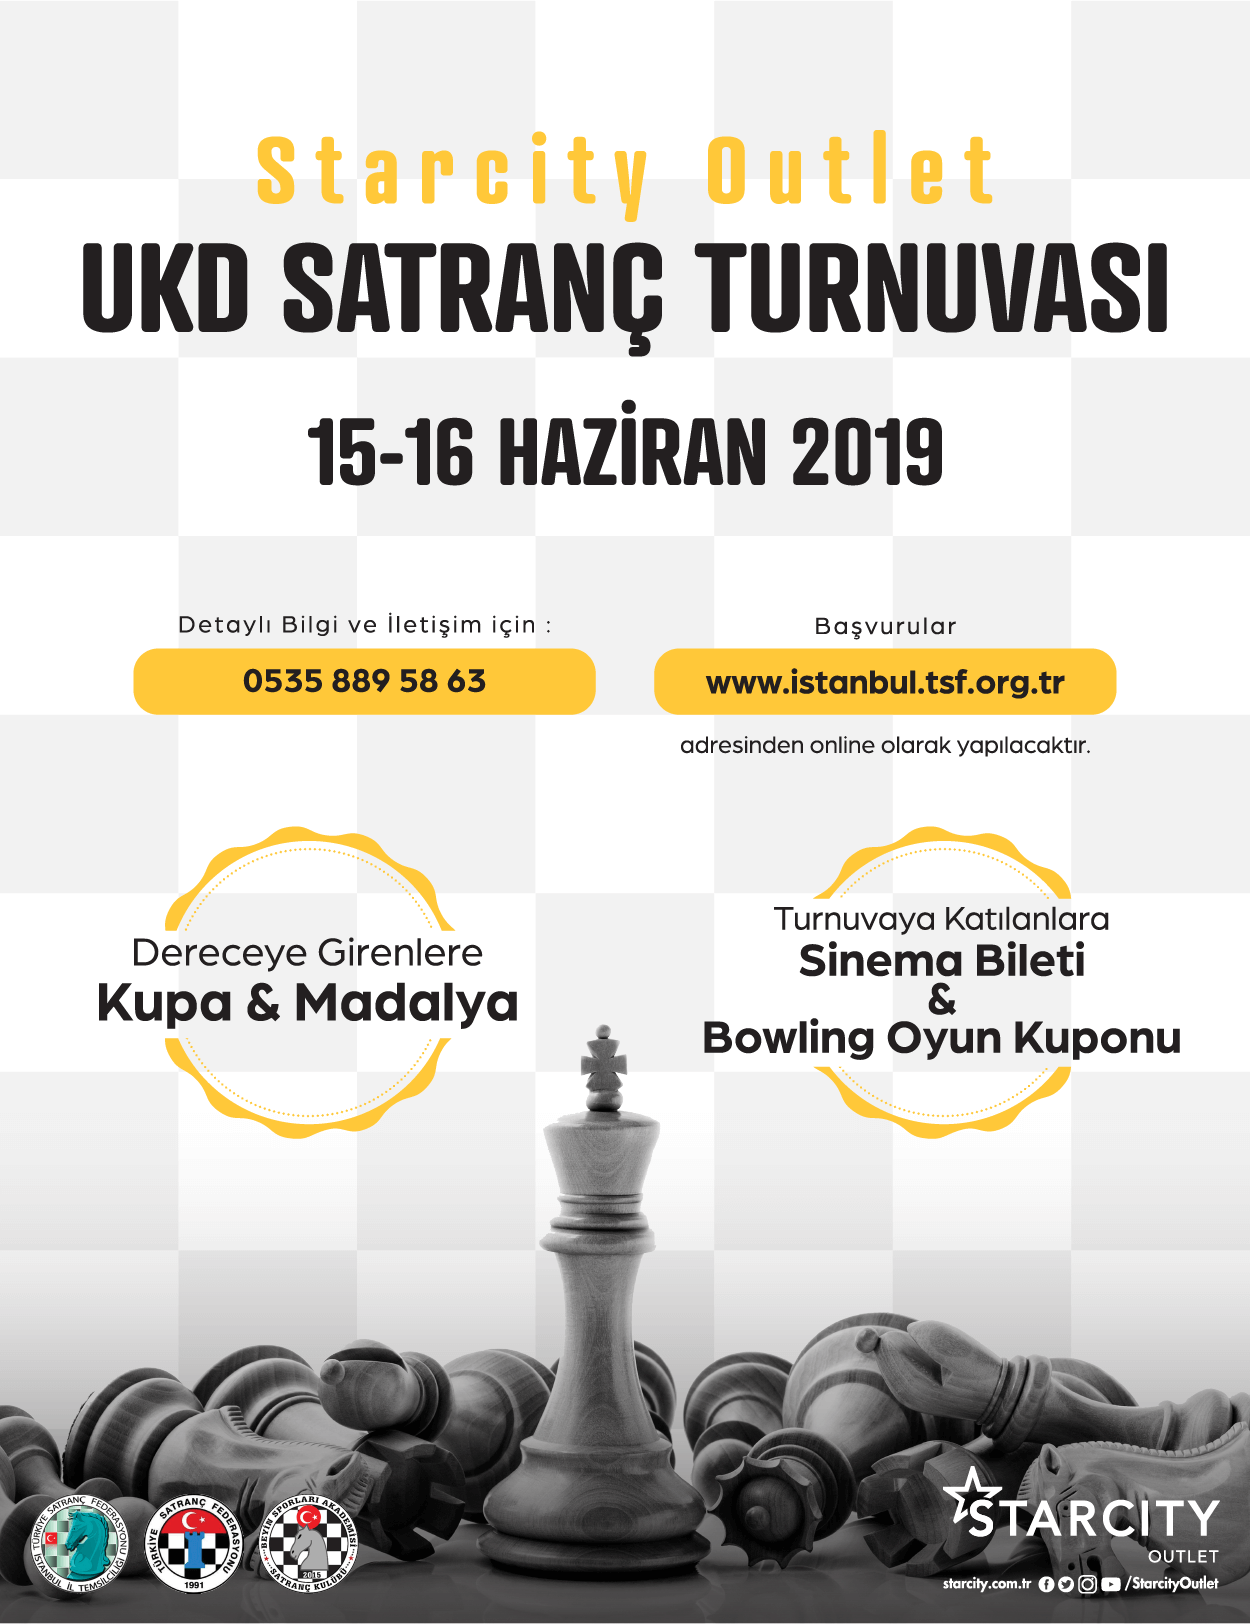 Starcity Outlet UKD Satranç Turnuvası